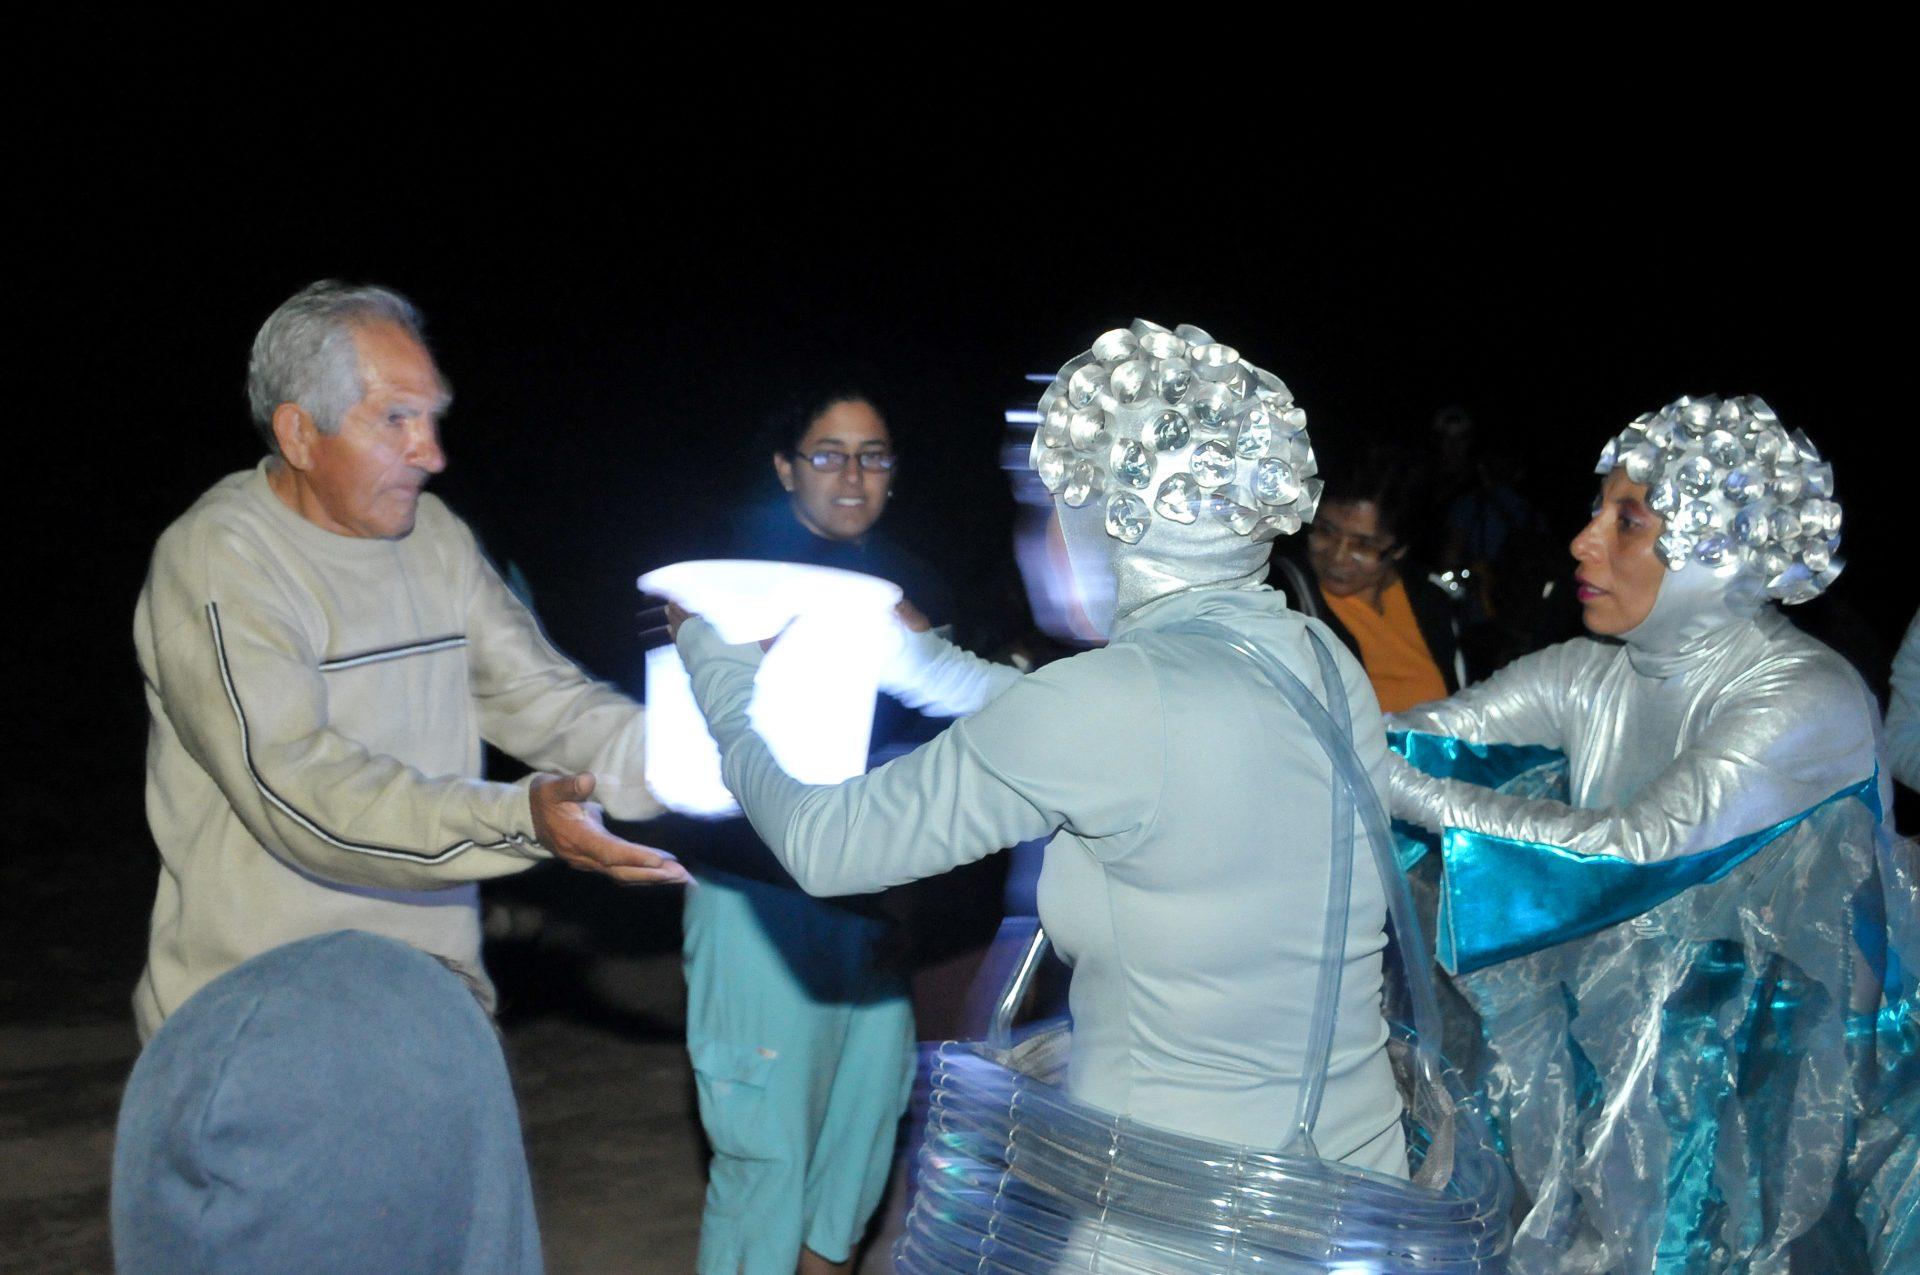 2008_peru_desierto_present3_08_desert_moon